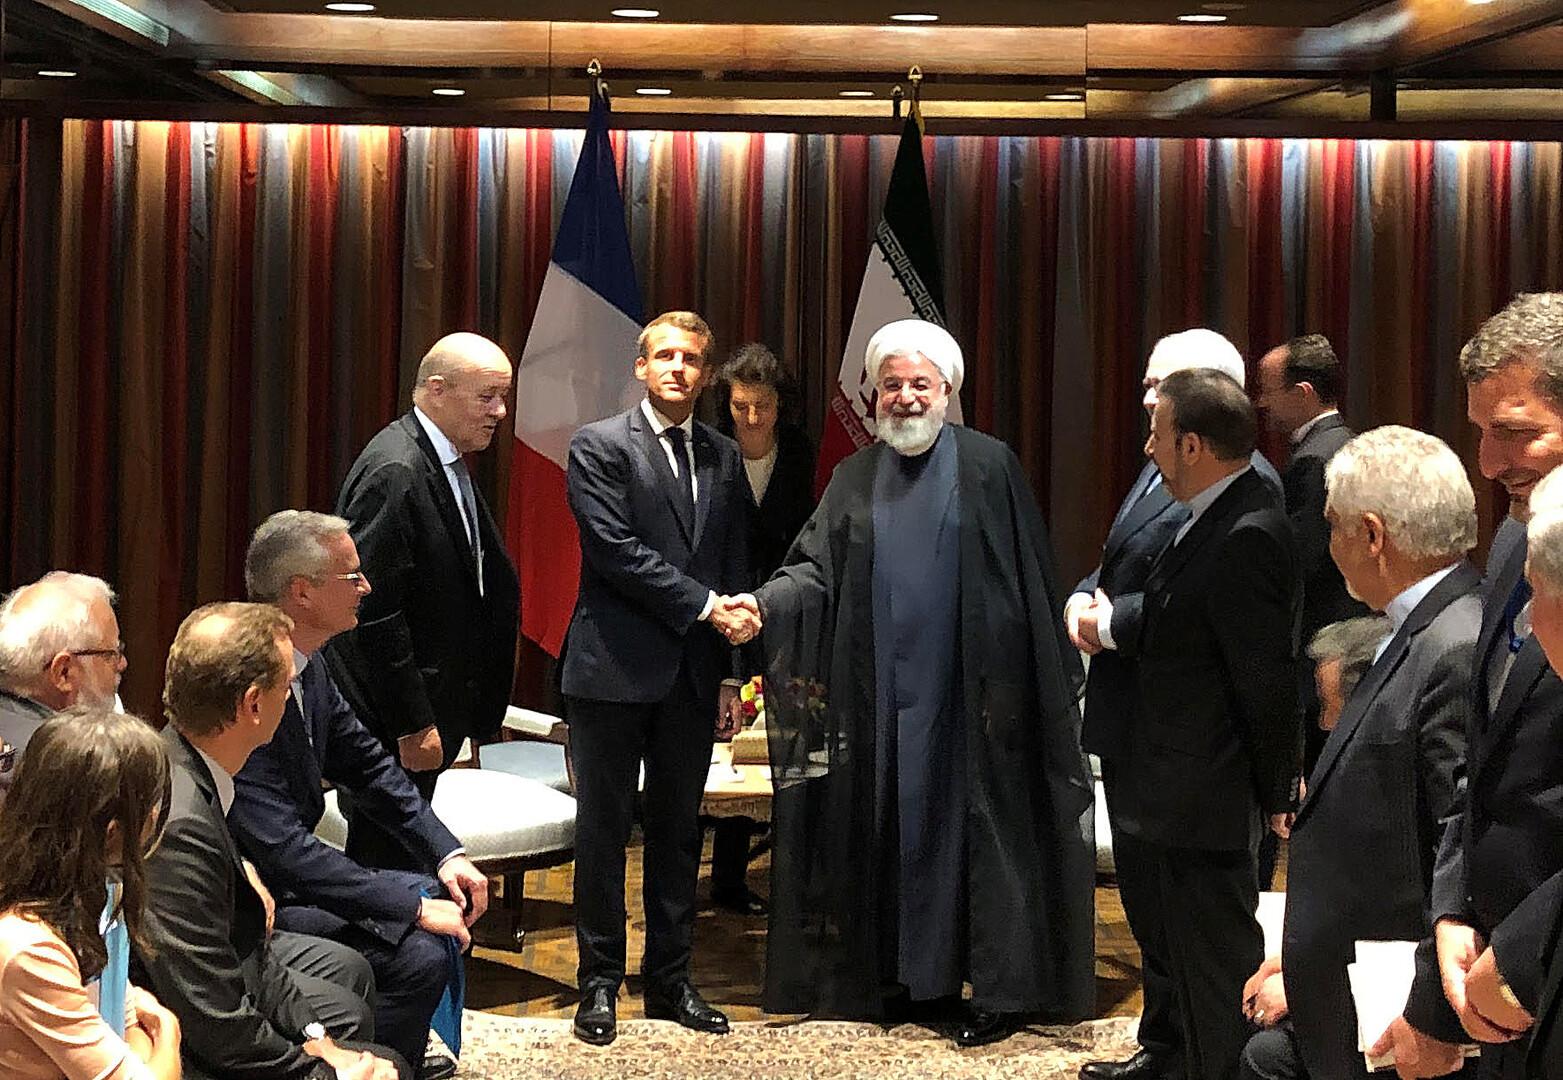 الرئيس الفرنسي إيمانويل ماكرون ونظيره الإيراني حسن روحاني